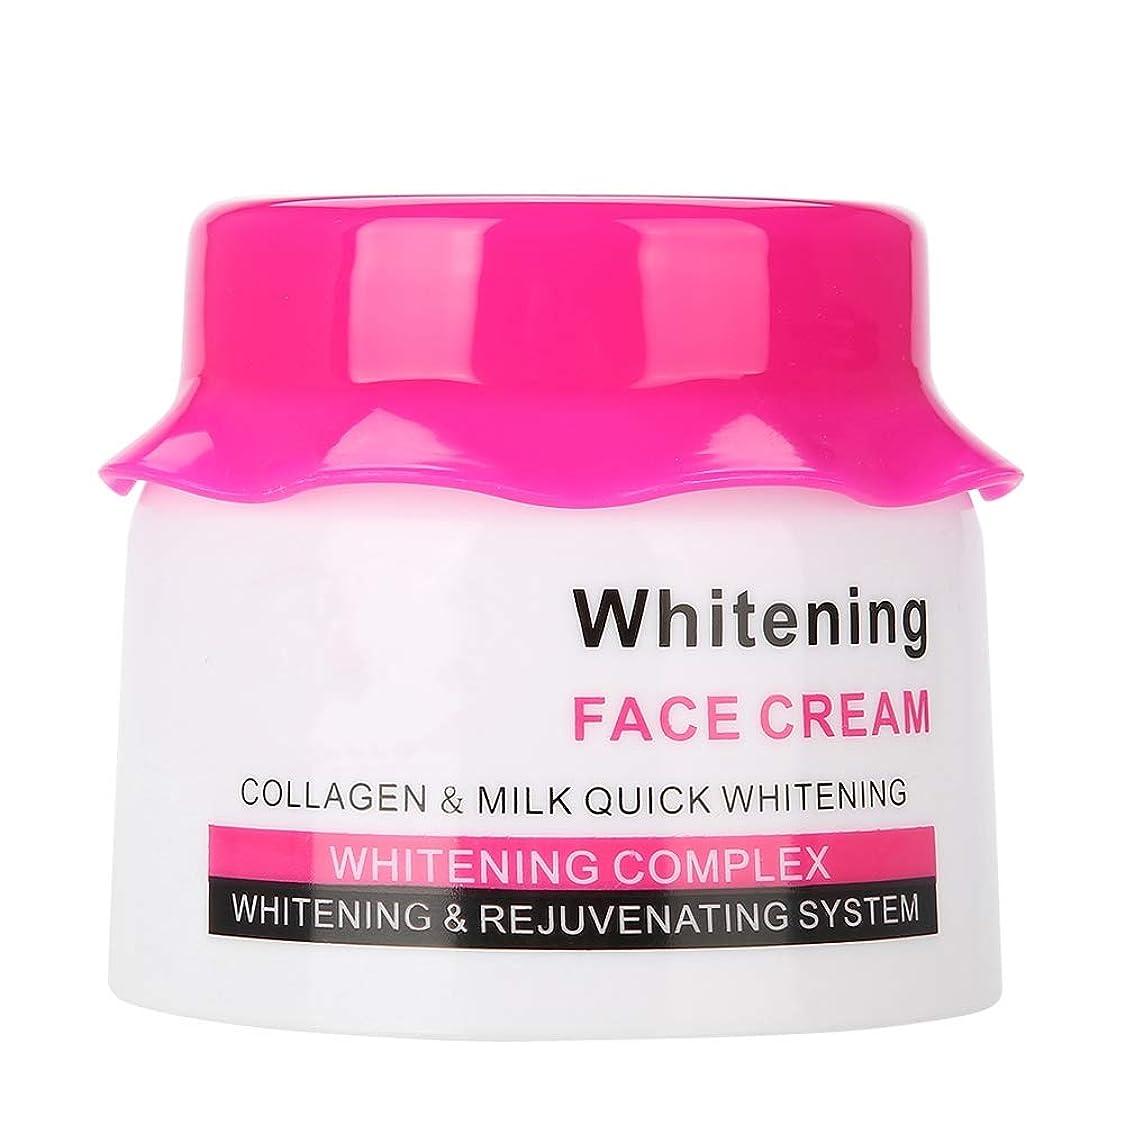 合計大声で鉛天然コラーゲン、肌のリラクゼーションと引き締まった肌の多機能、保湿引き締めフェイシャルシュリンクポアケア肌を白くするフェイシャルクリーム